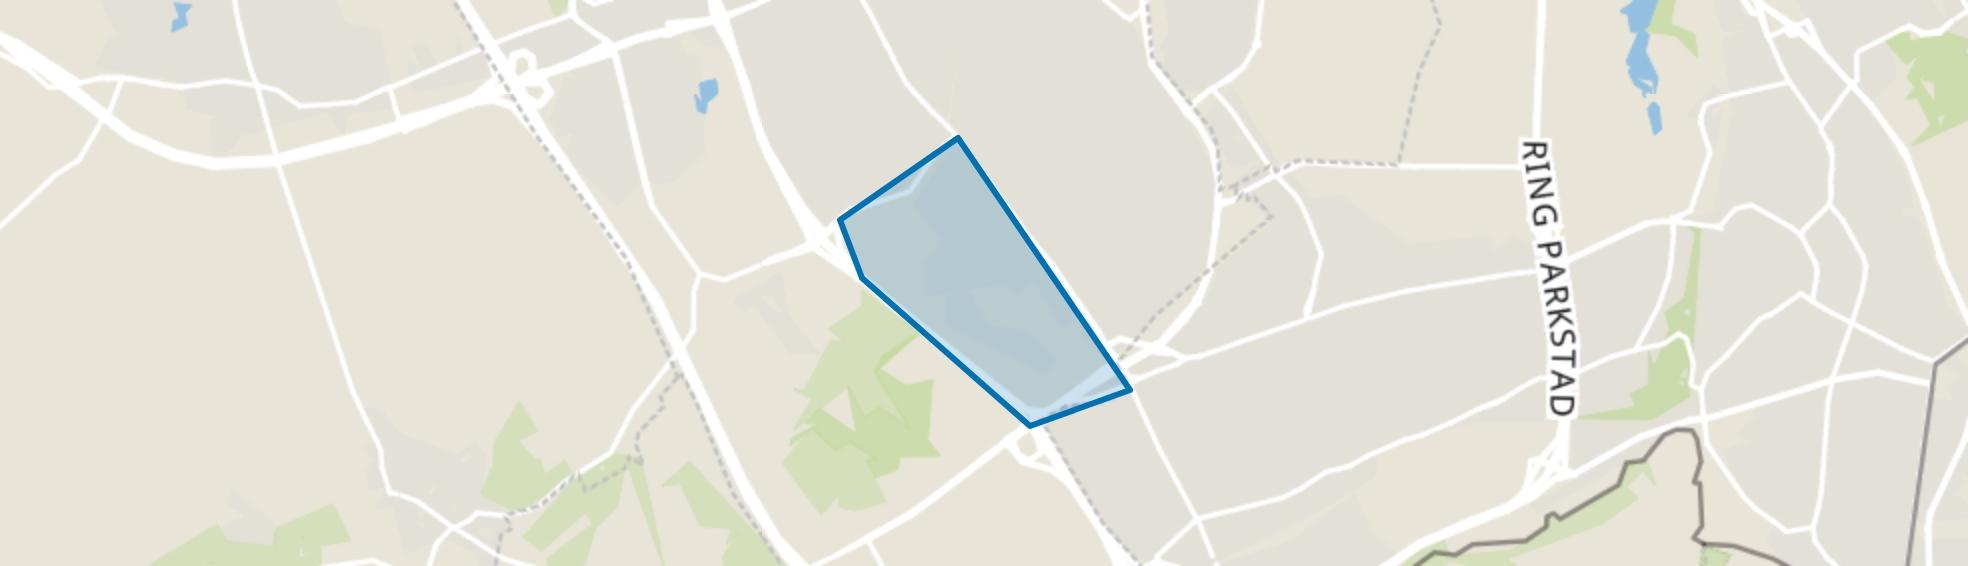 Heerlerbaan-West, Heerlen map